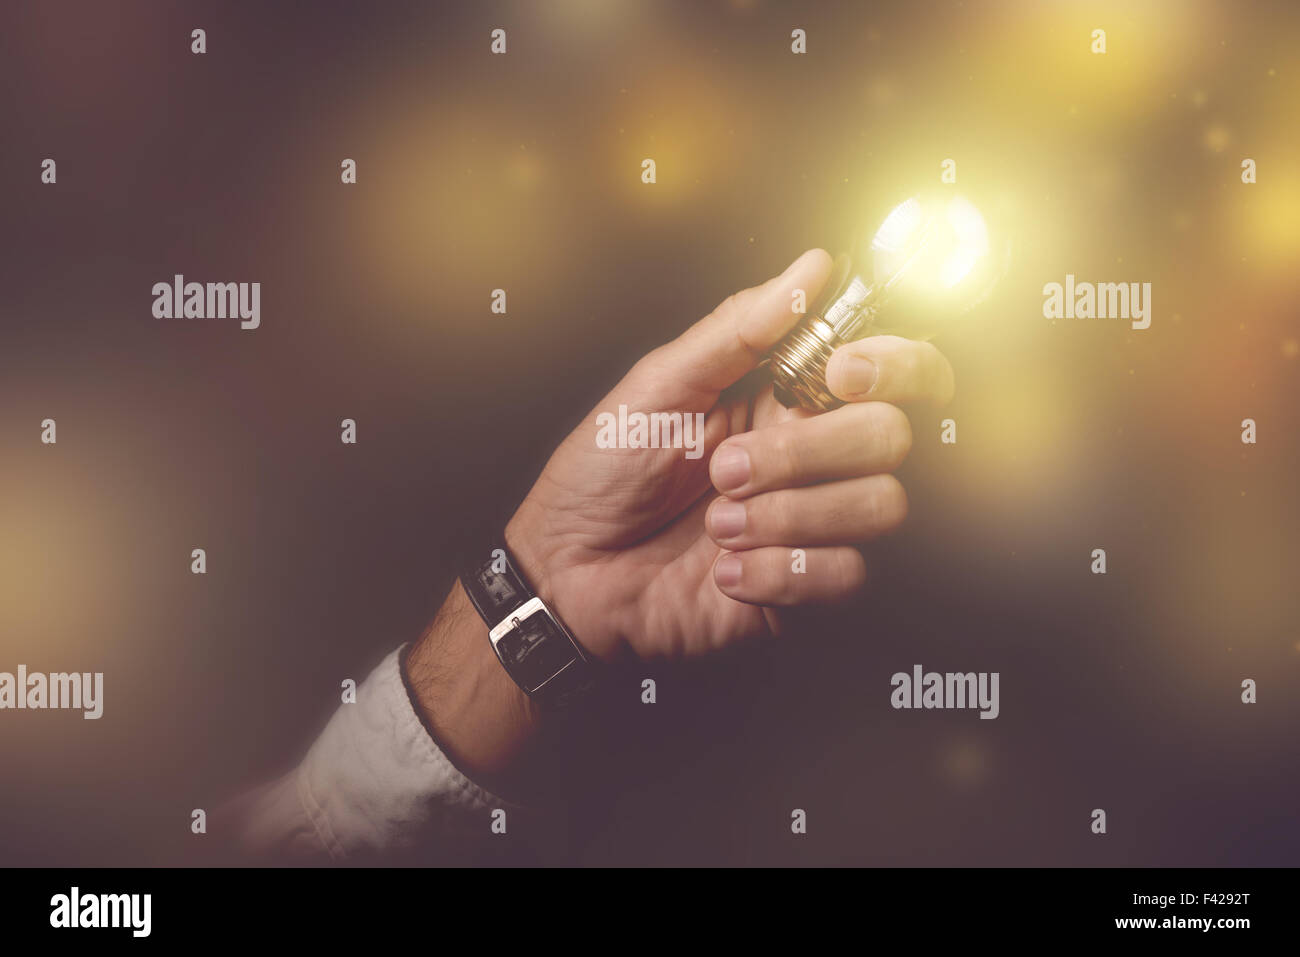 Grande idea di business metafora visiva, imprenditore con lampadina fulmine fino al buio ufficio interno, dai toni Immagini Stock